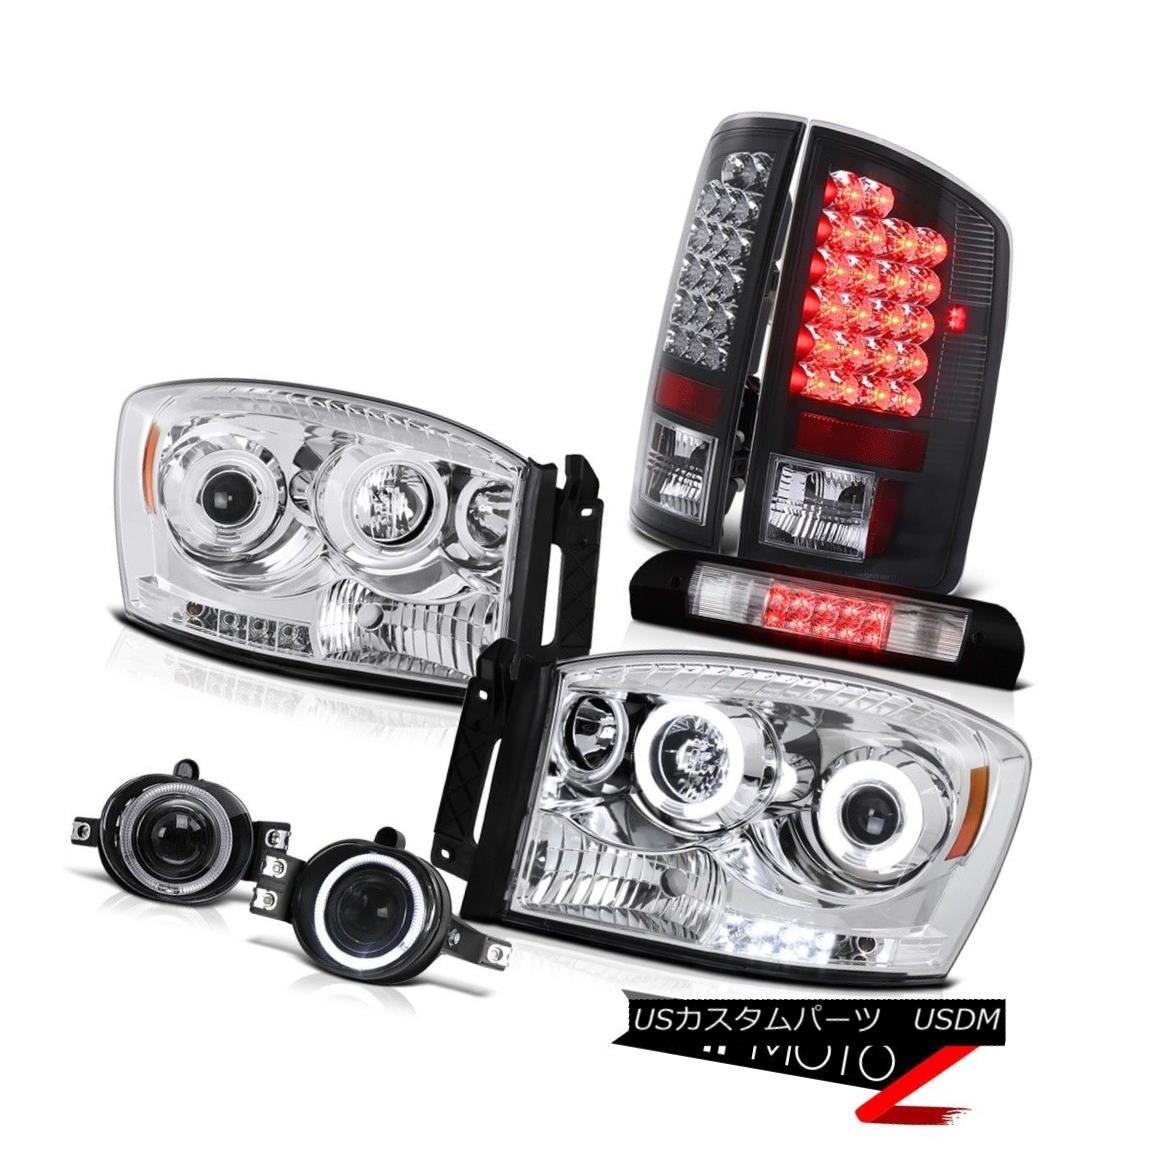 ヘッドライト 07 08 Dodge Ram Euro CCFL Ring Headlamps SMD Taillights Black Fog Roof 3rd LED 07 08ダッジラムユーロCCFLリングヘッドランプSMDテールライトブラックフォグルーフ第3 LED